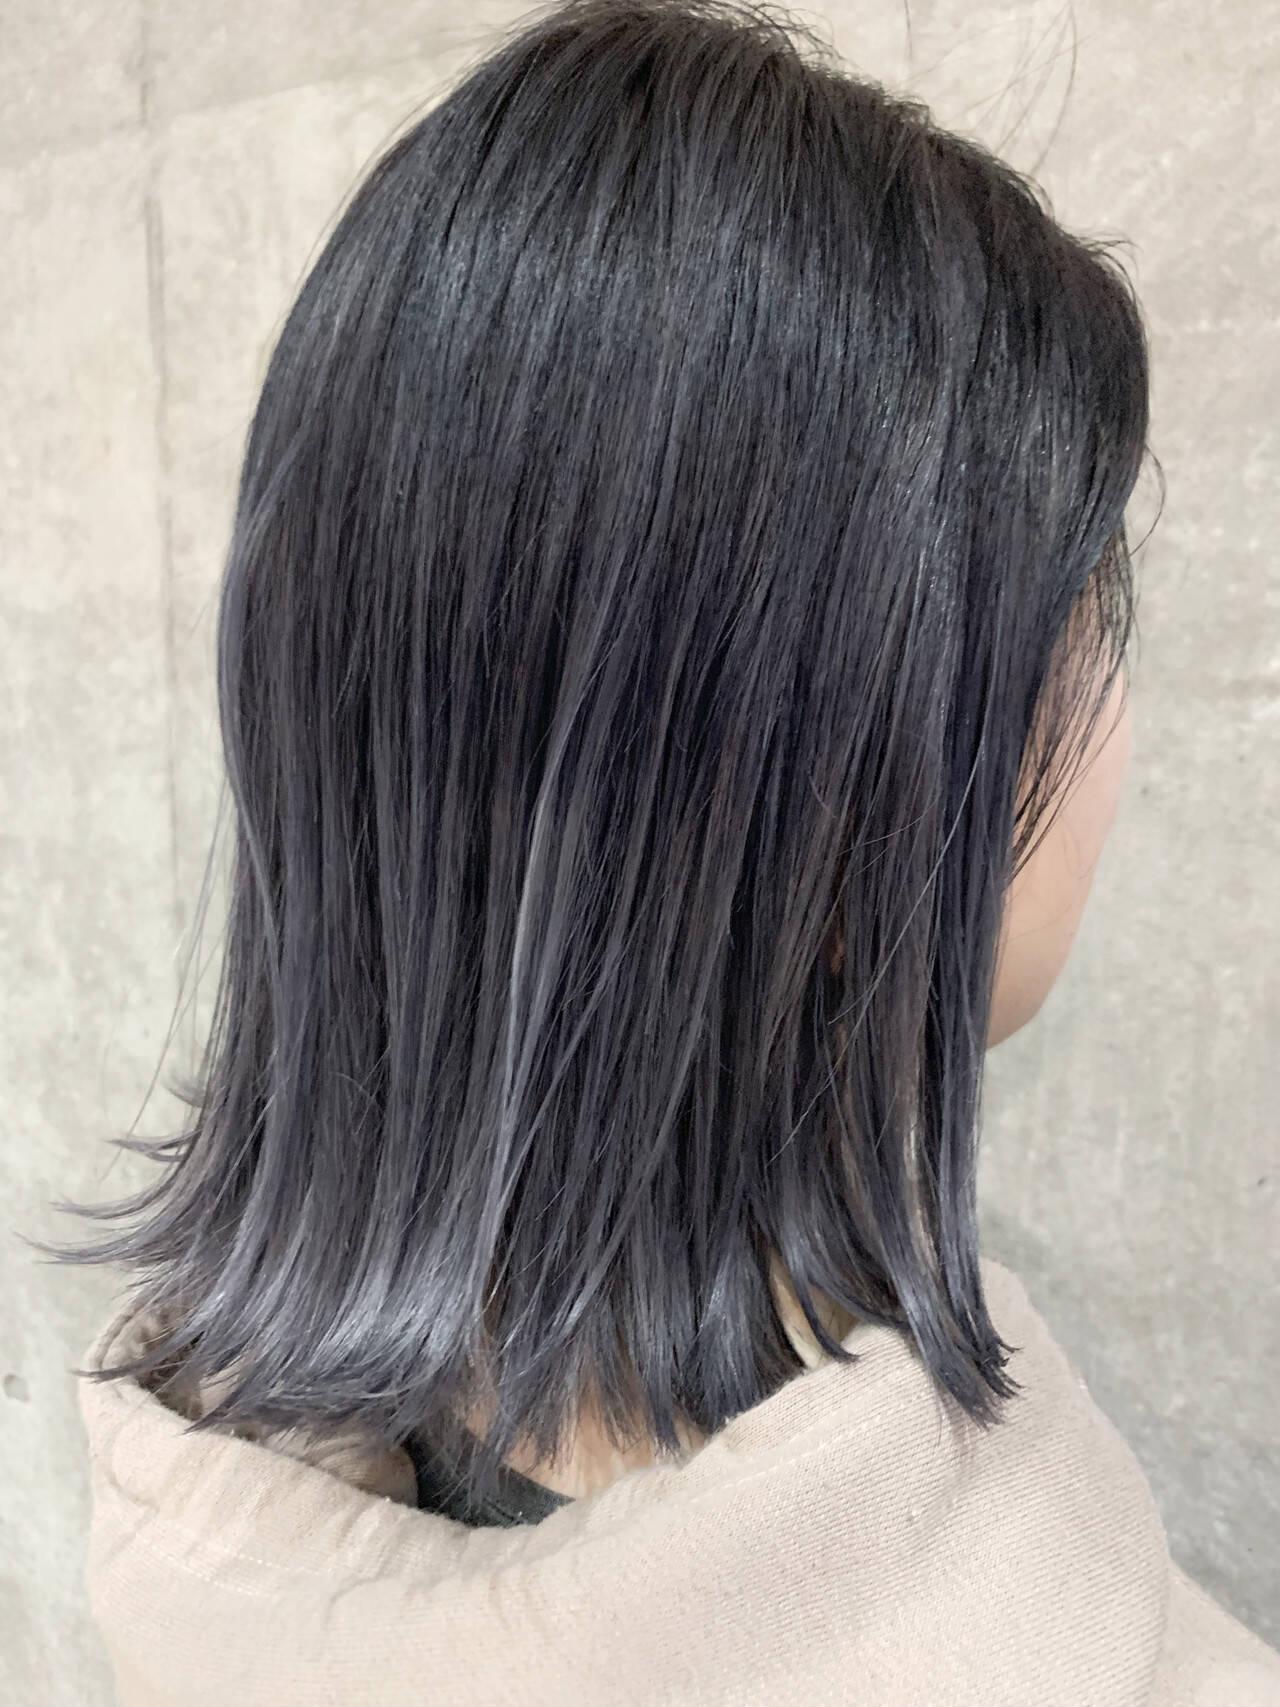 ナチュラル グレーアッシュ グラデーションカラー ダークグレーヘアスタイルや髪型の写真・画像